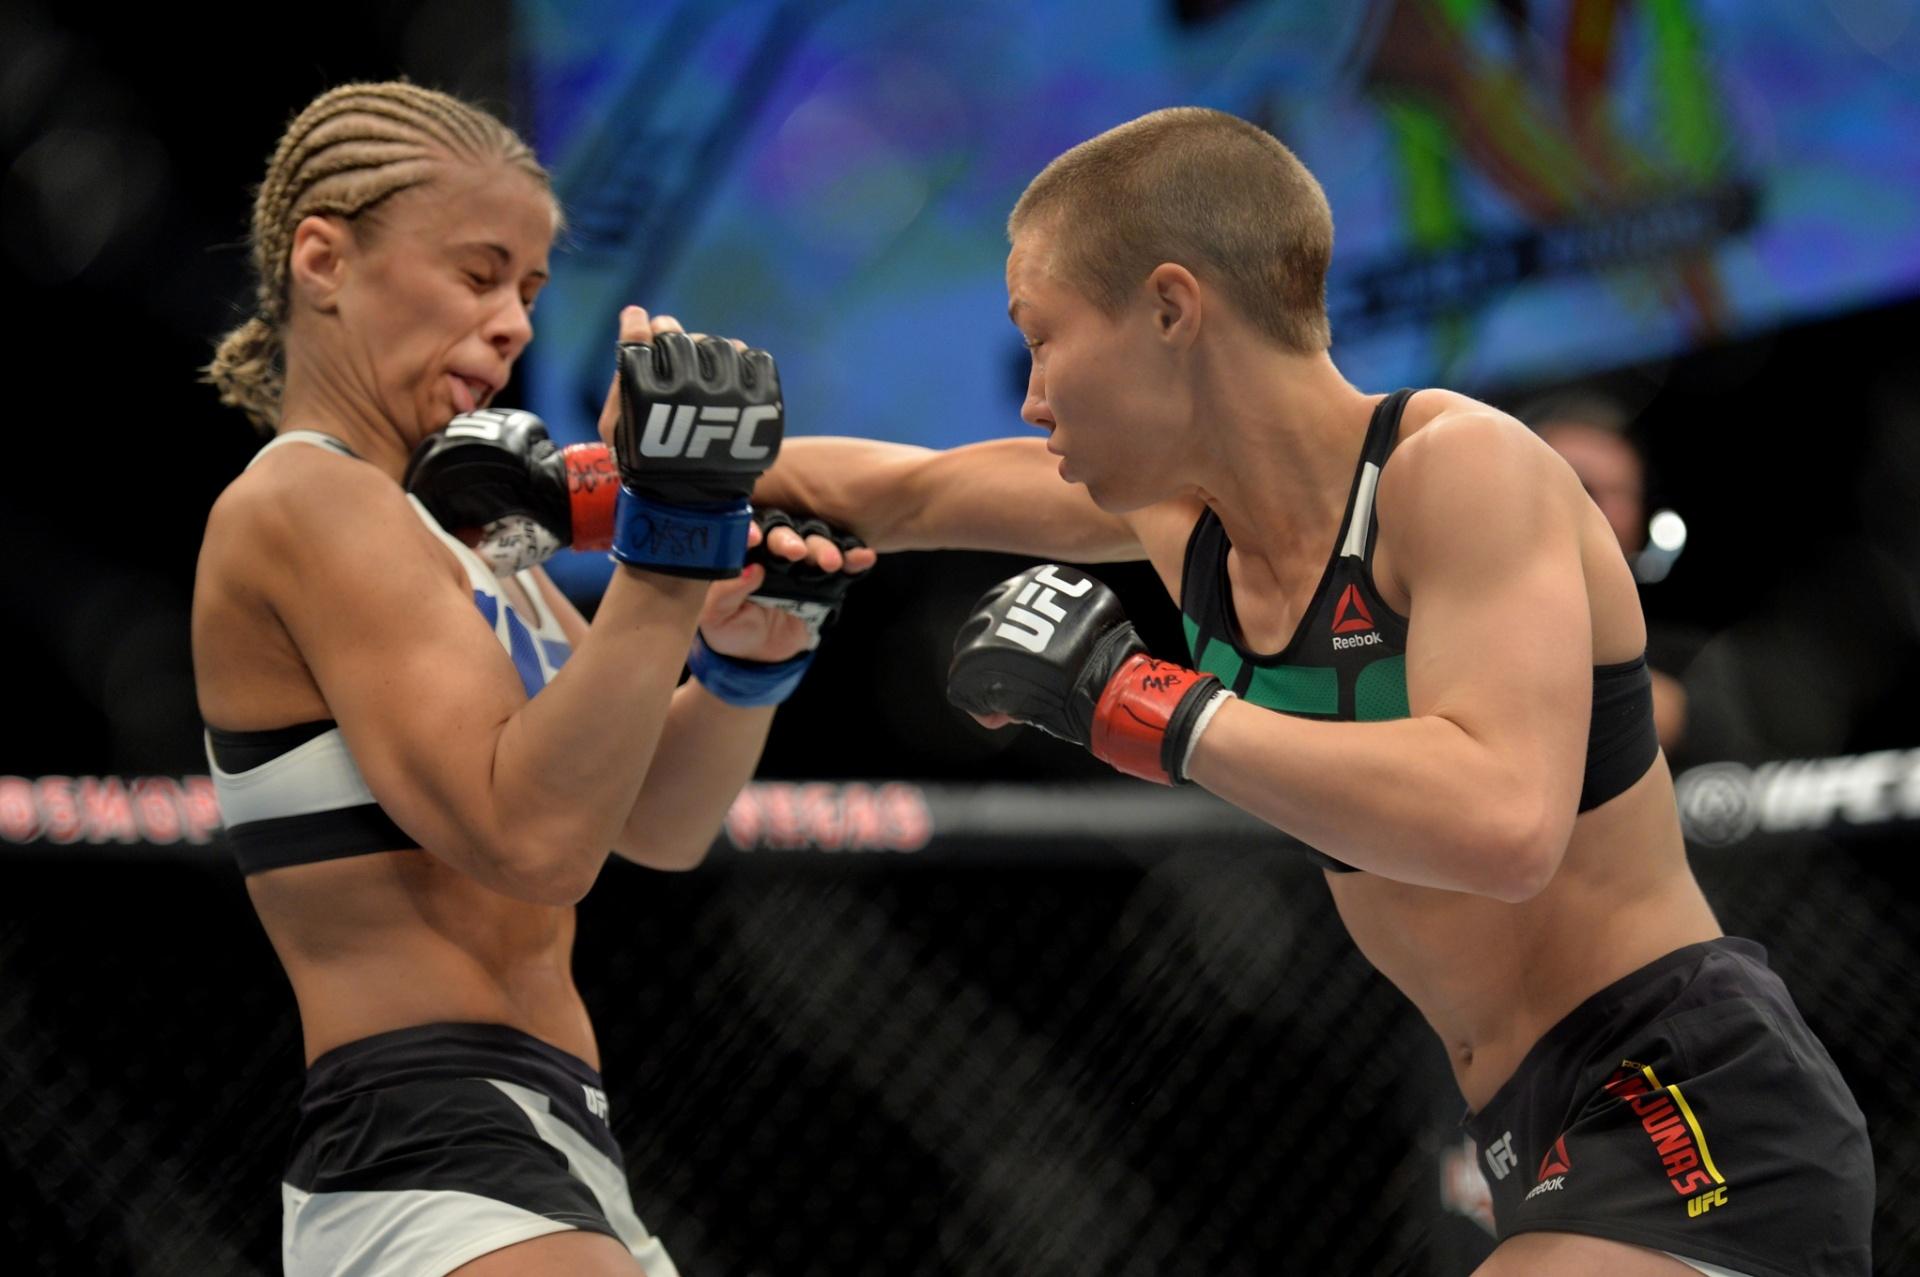 Rose Namajunas acerta um direto em sua vitória sobre Paige VanZant